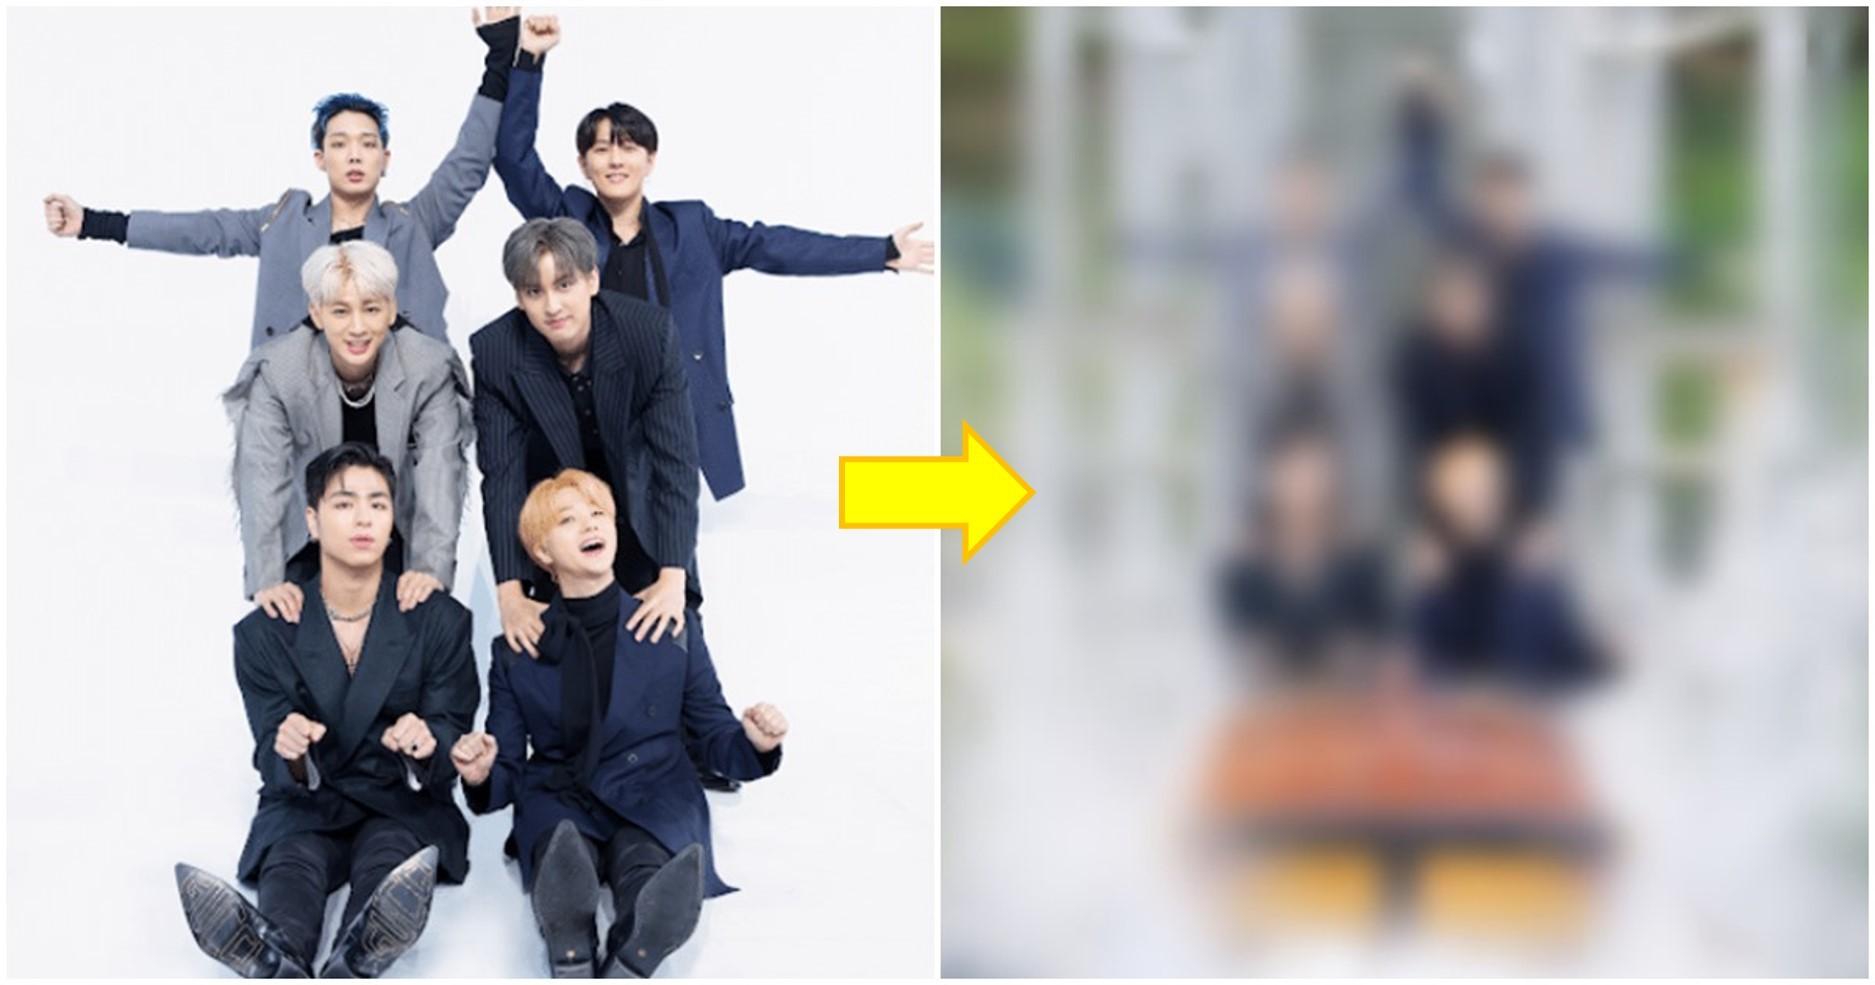 개그물로 가고 있다는 Mnet '킹덤' 포스터 공모전 | SNSFeed 제휴 ...